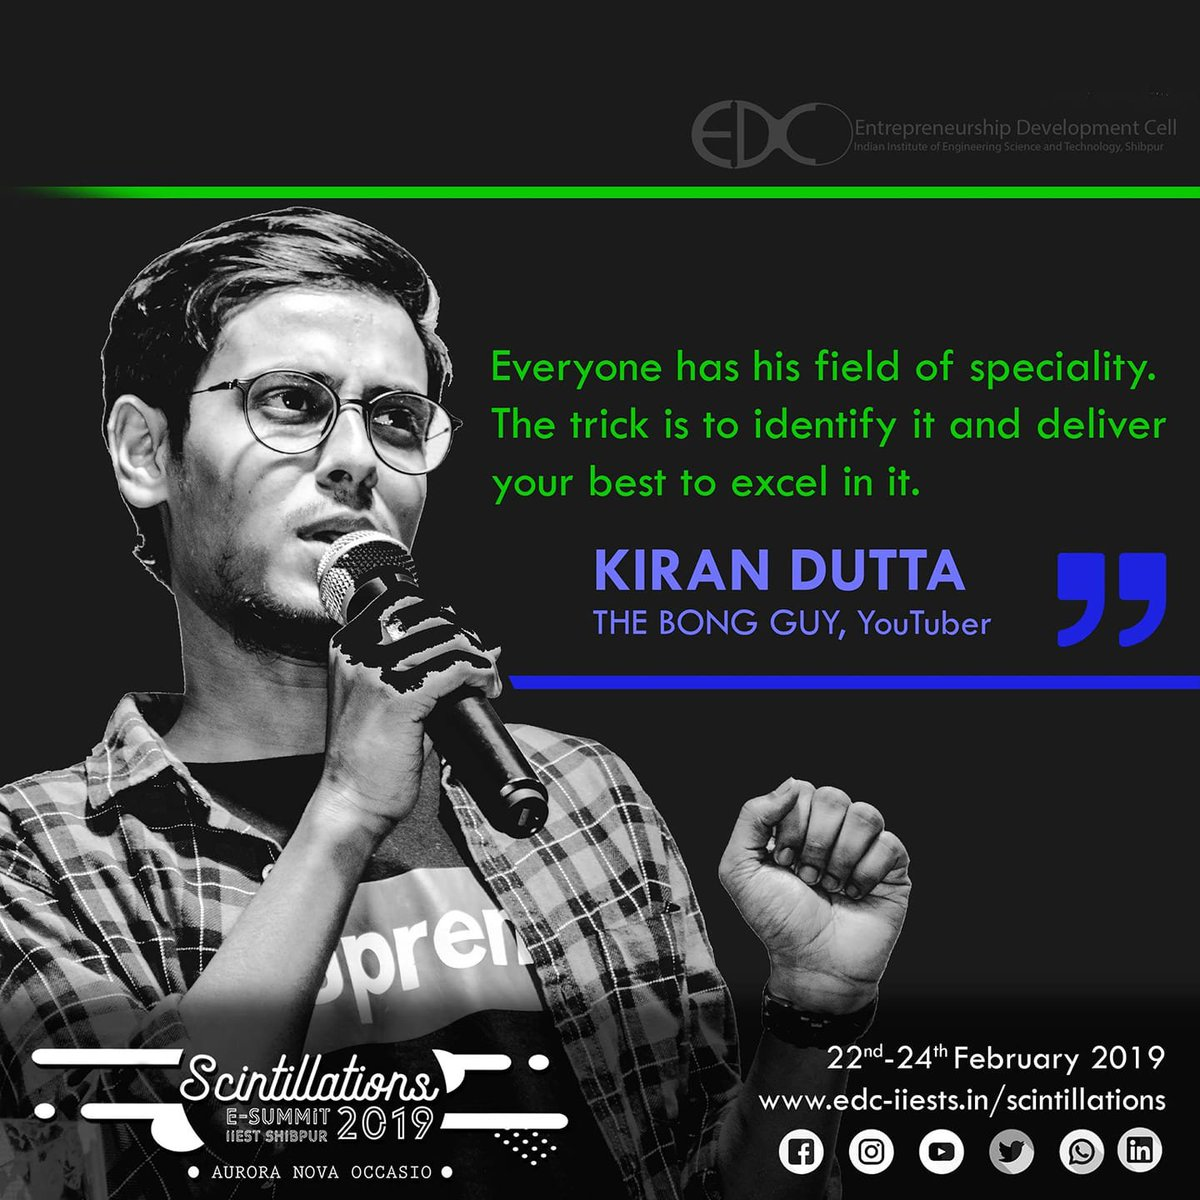 Kiran Dutta (@TheBongGuy) on Twitter photo 03/07/2019 18:24:34